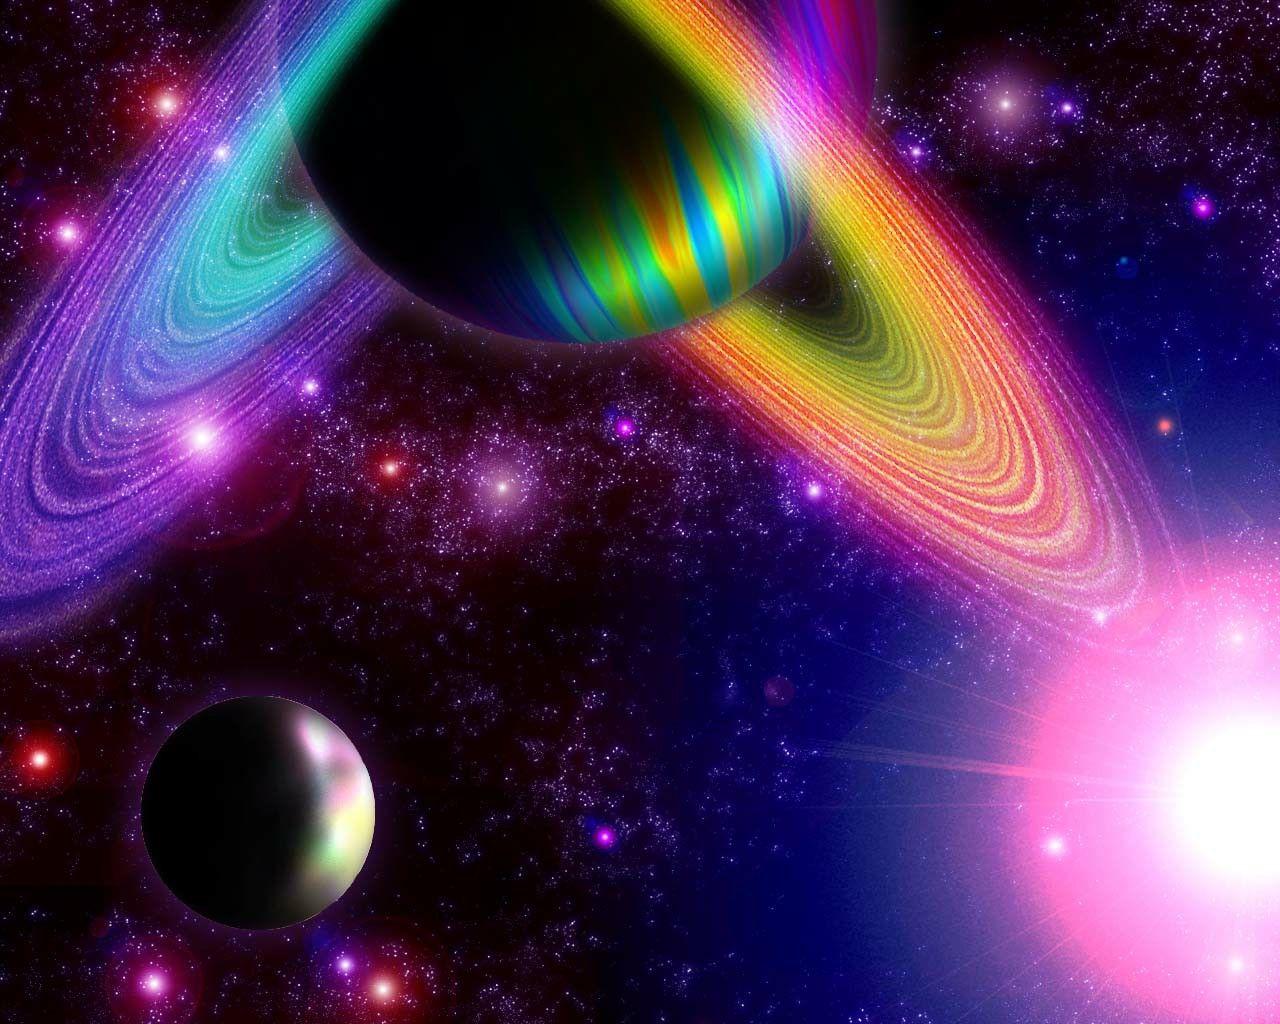 представляет радужная вселенная картинки воспитание данилы